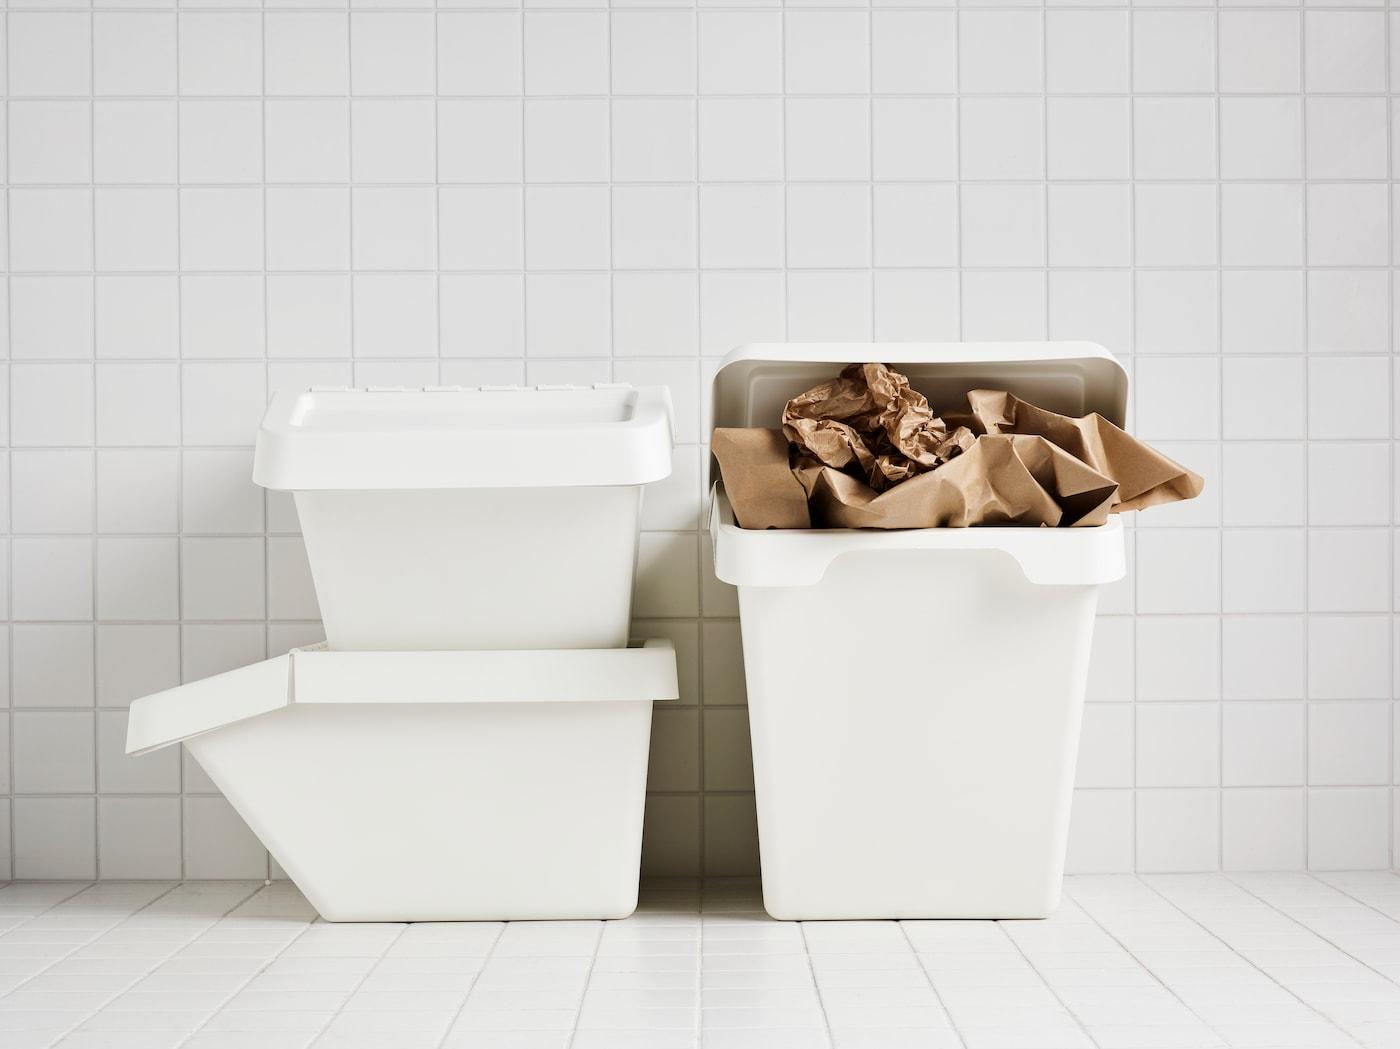 Trois bacs SORTERA blancs dans une pièce avec du carrelage blanc. L'un des bacs est rempli de papier brun.